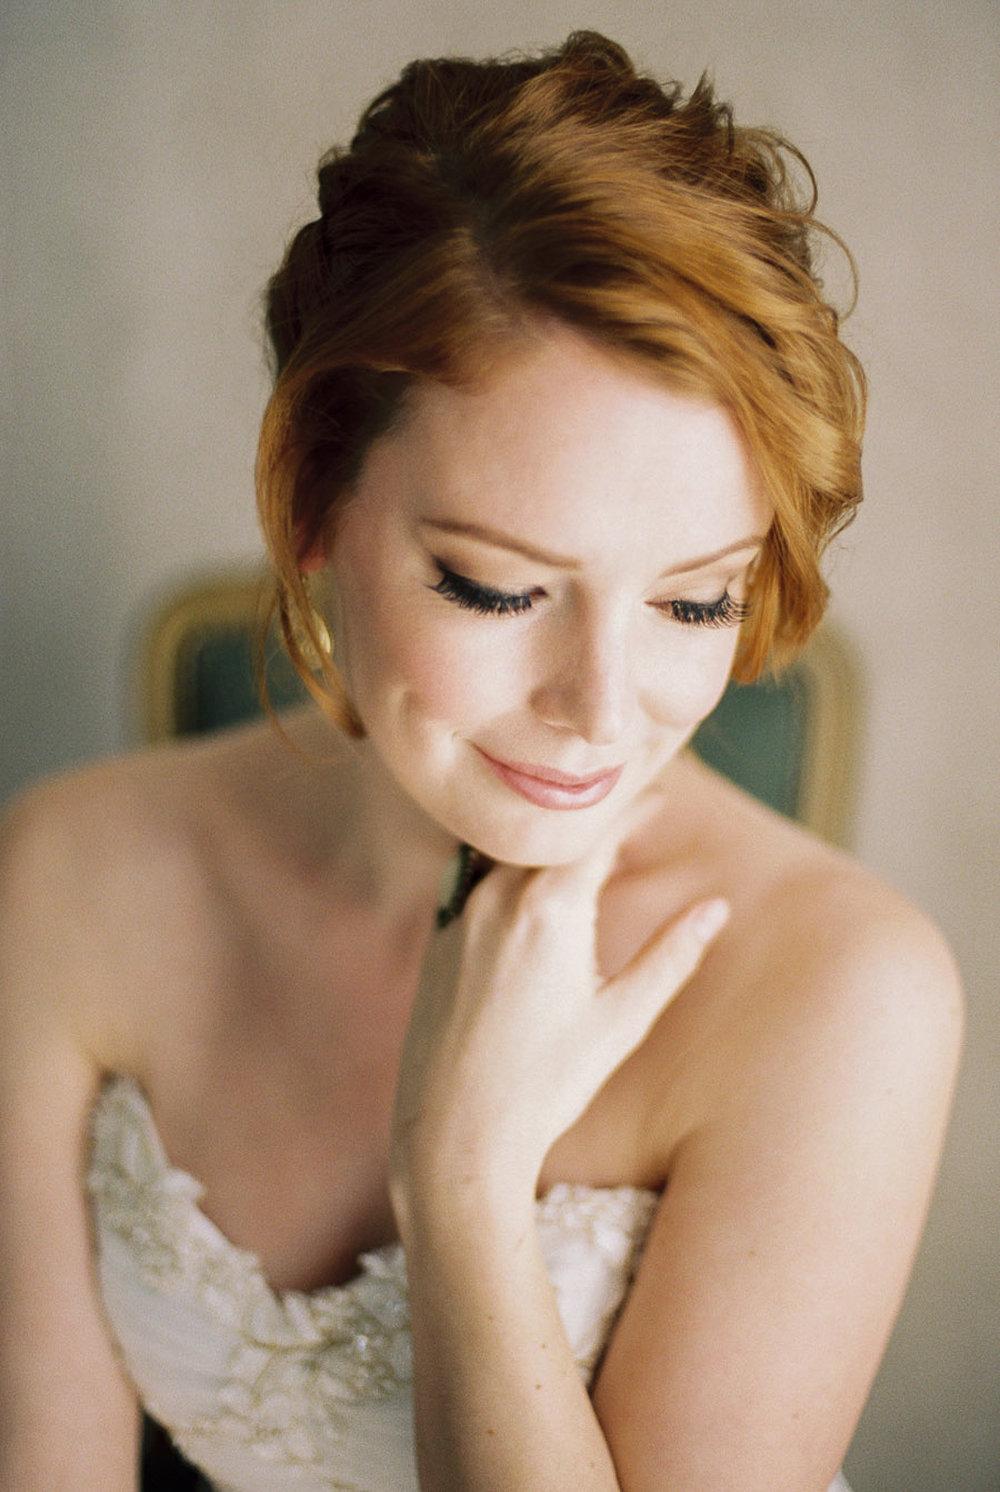 Lara_Lam_Vintage_Heirloom_wedding_photographer_Etablir_shop_vintage_rental33.jpg